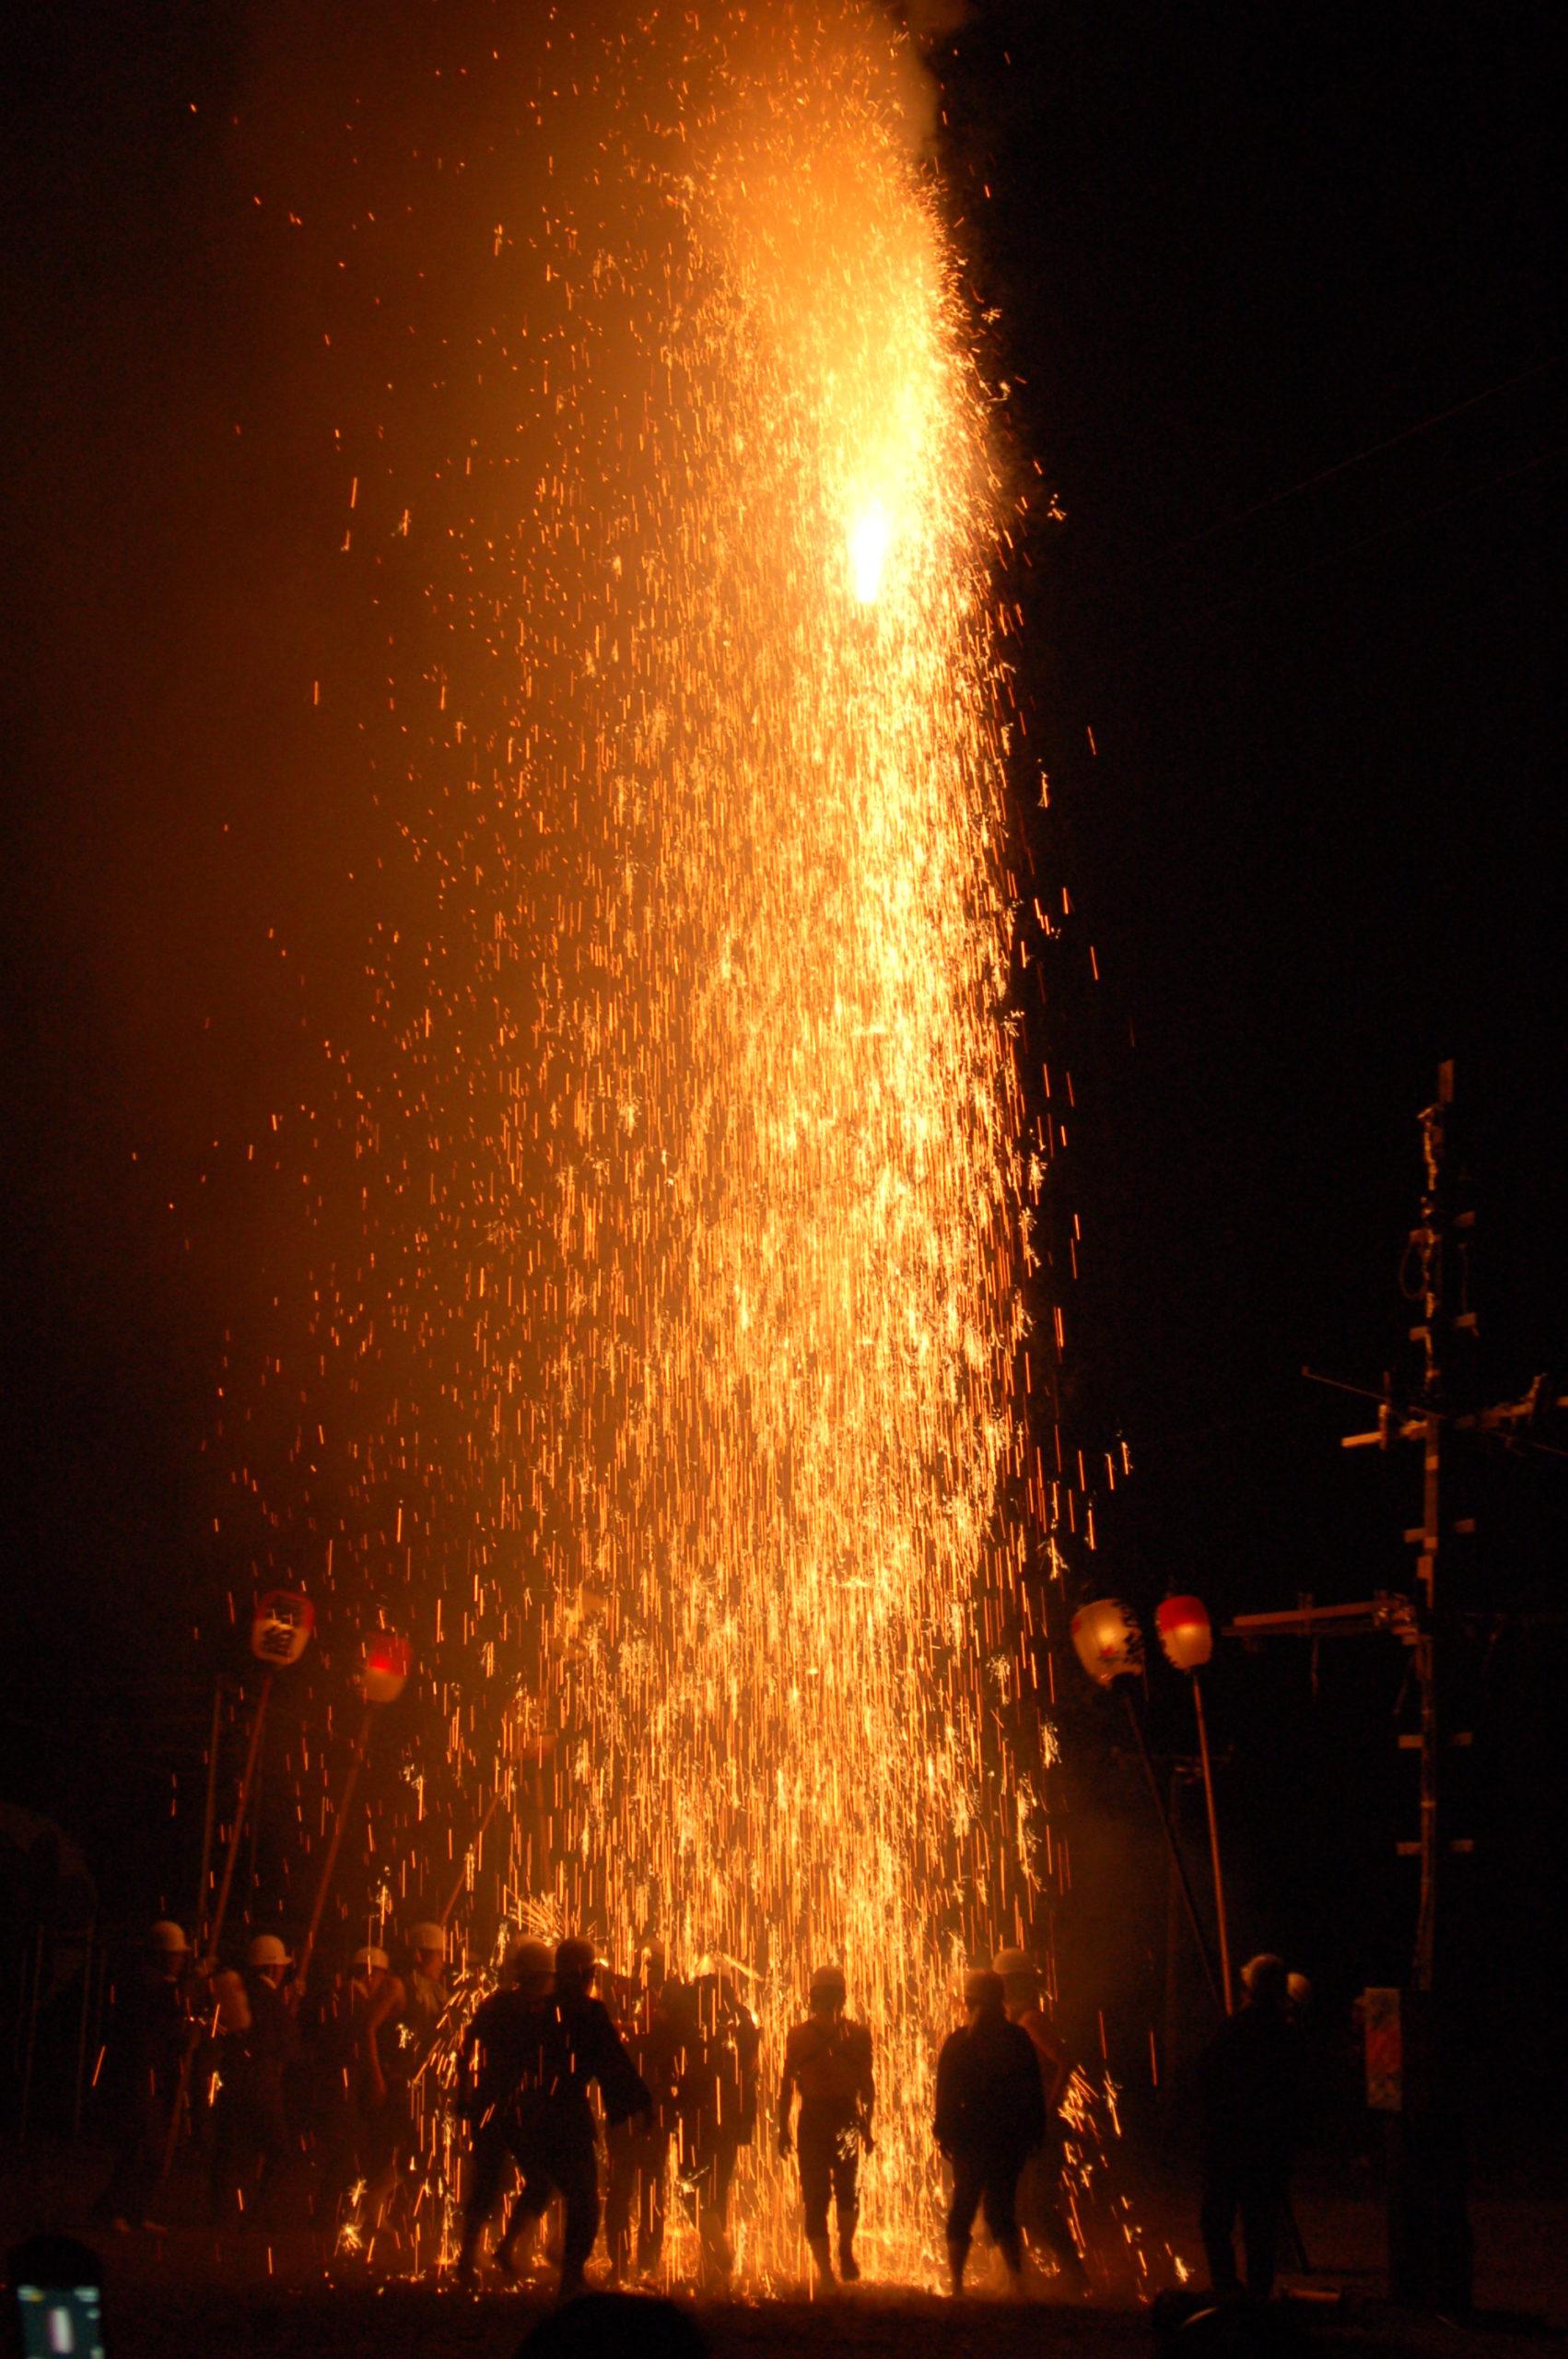 清内路諏訪神社秋季祭典奉納煙火(手づくり花火)について